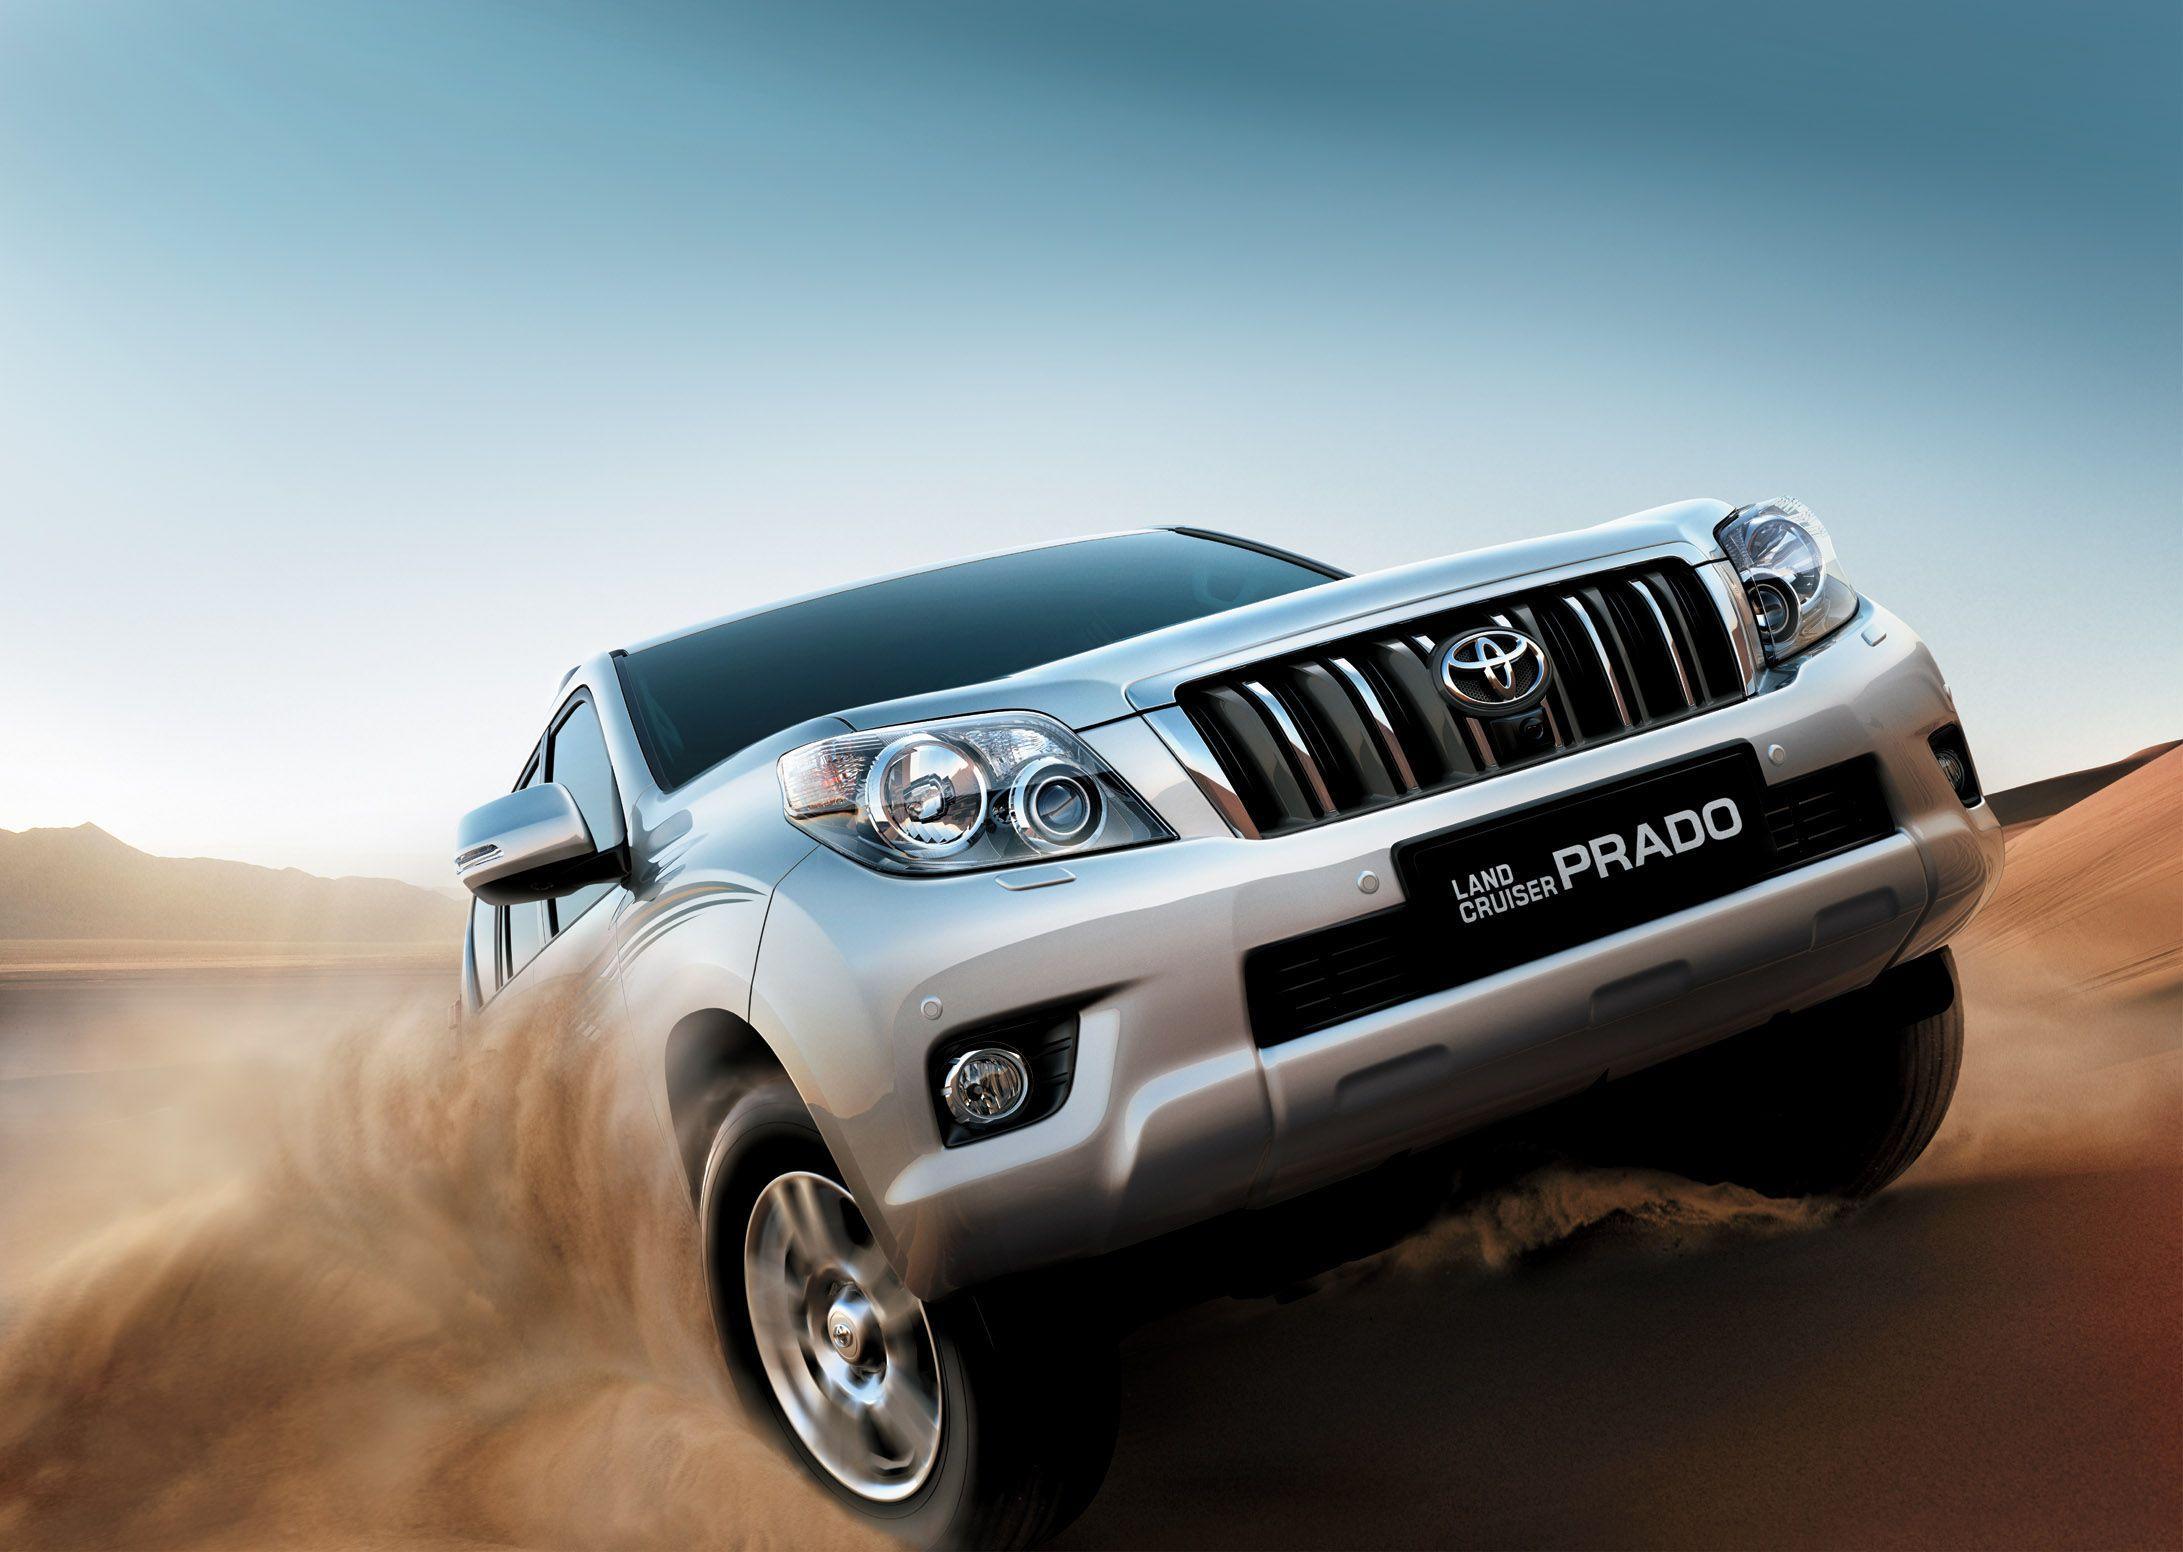 Próximamente camionetas Toyota Híbridas y Eléctricas a batería